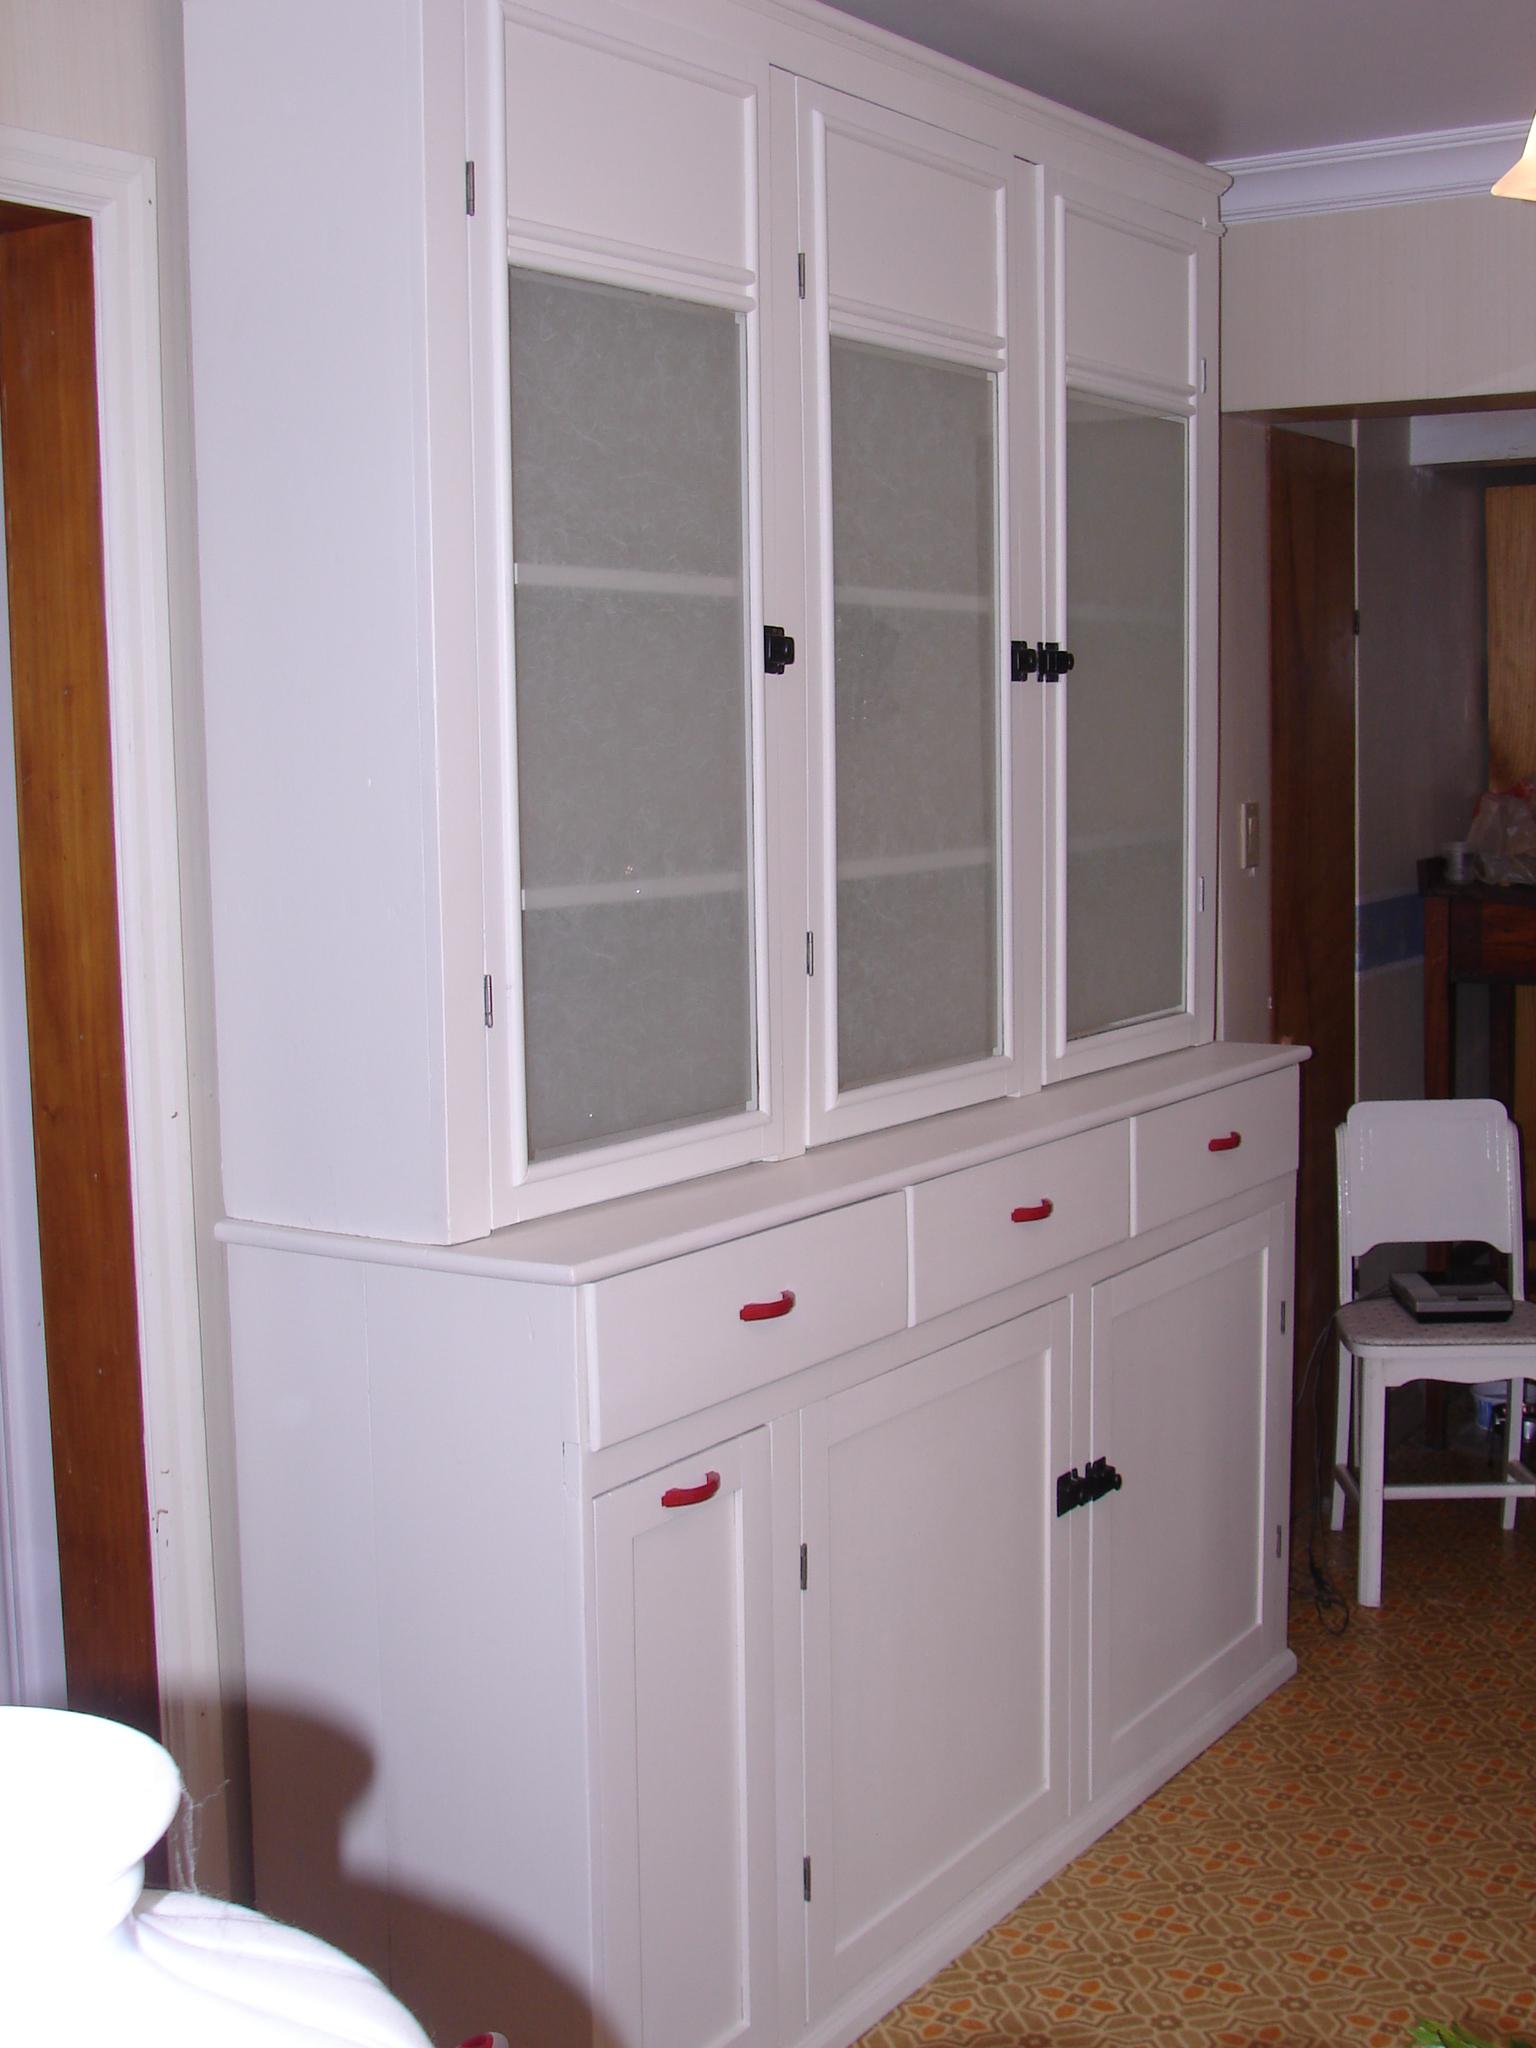 Painted 1940s Kitchen Cabinet  Gentle Hands Restoration